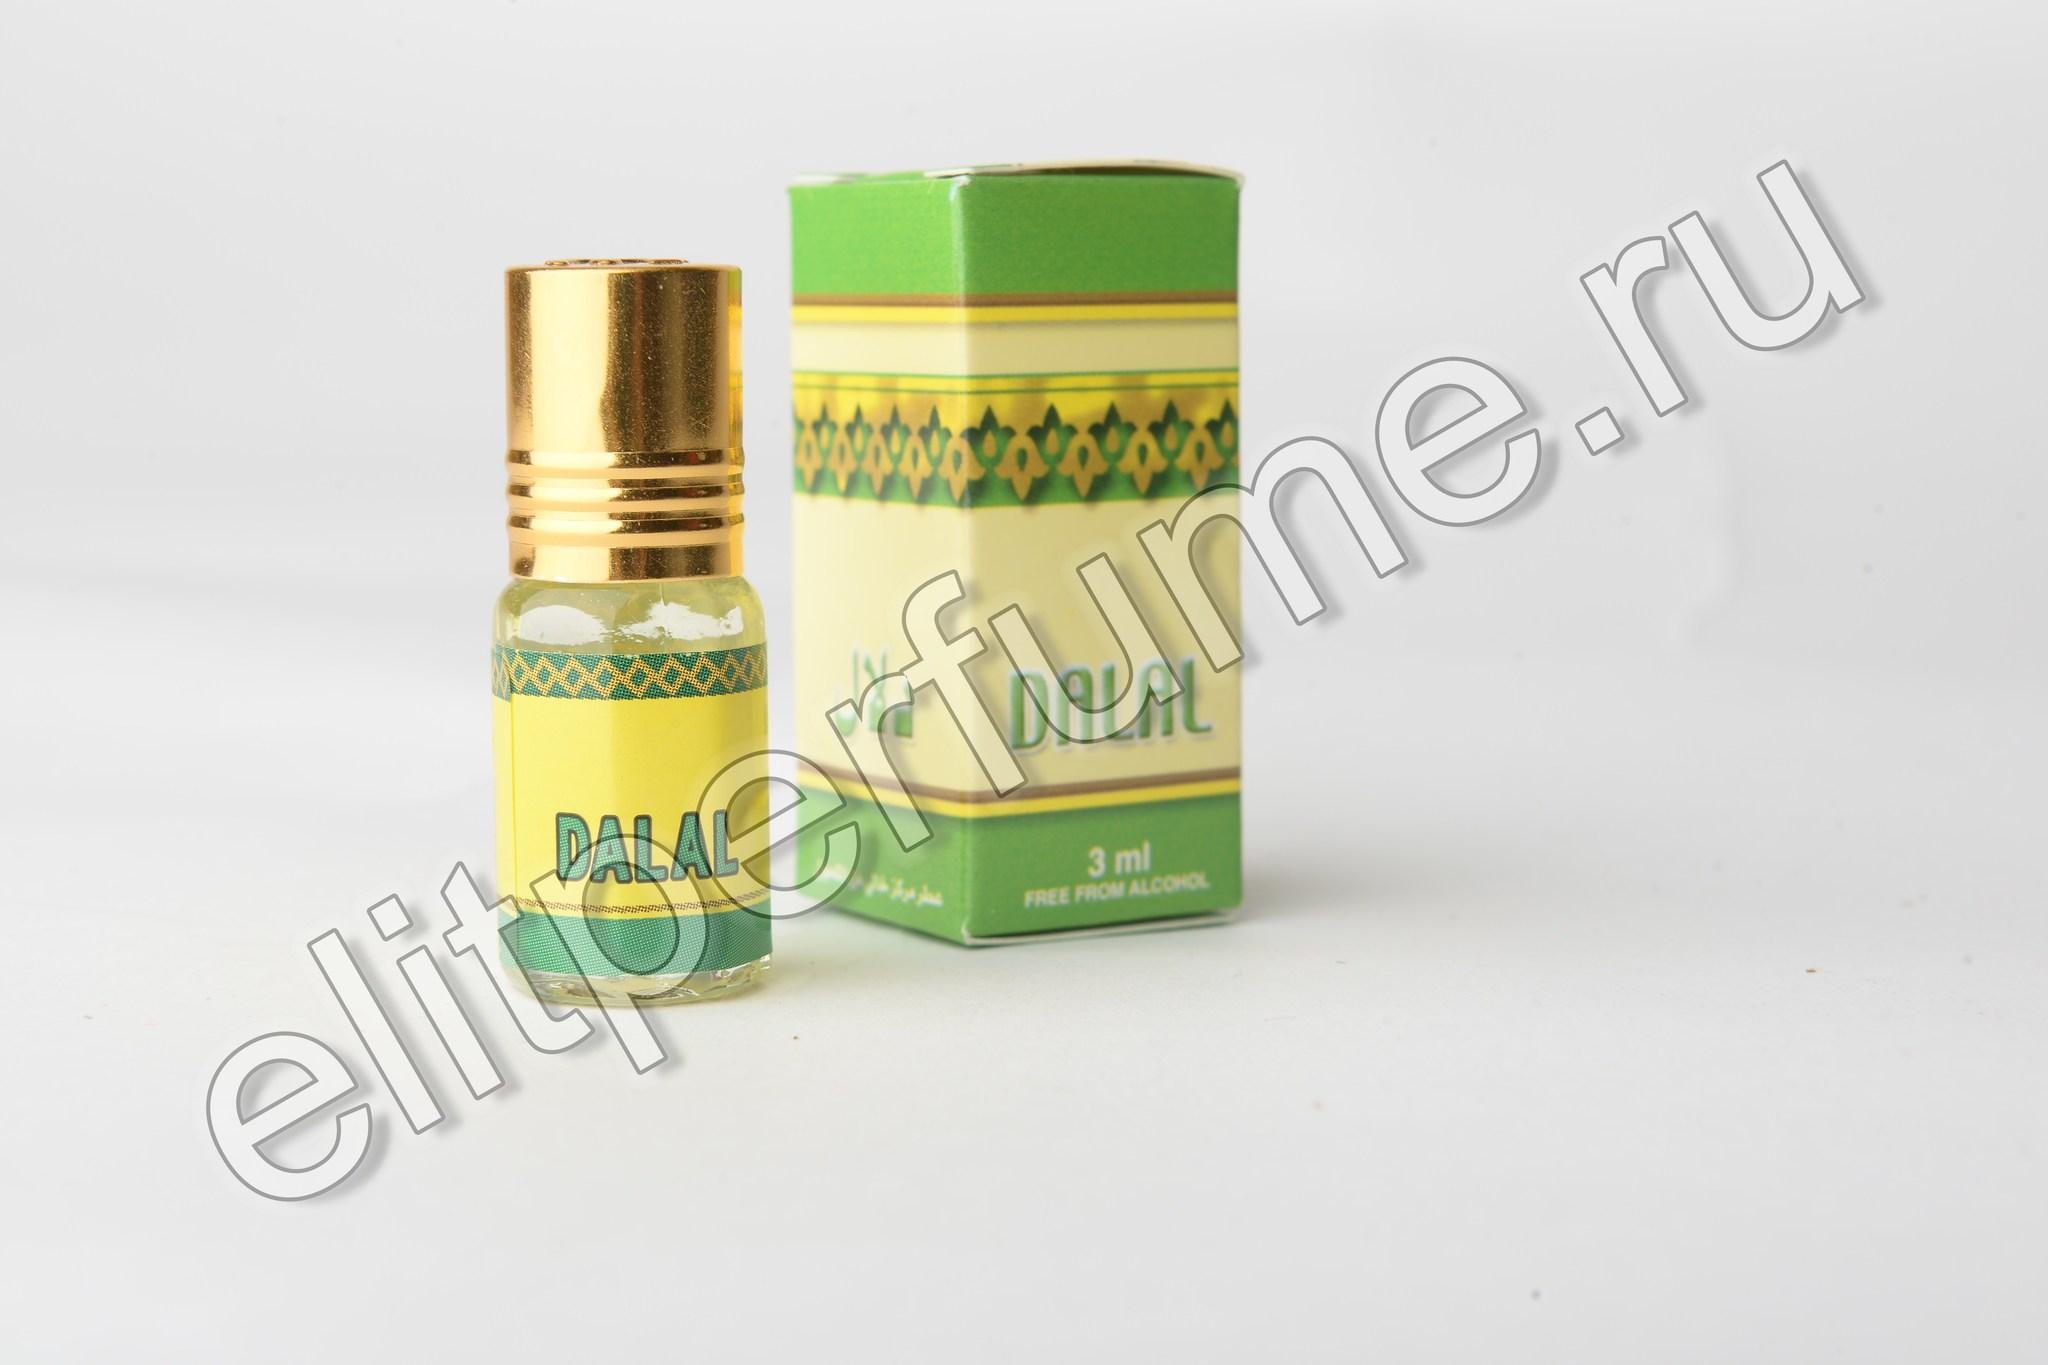 Dalal  3 мл арабские масляные духи от Захра Zahra Perfumes